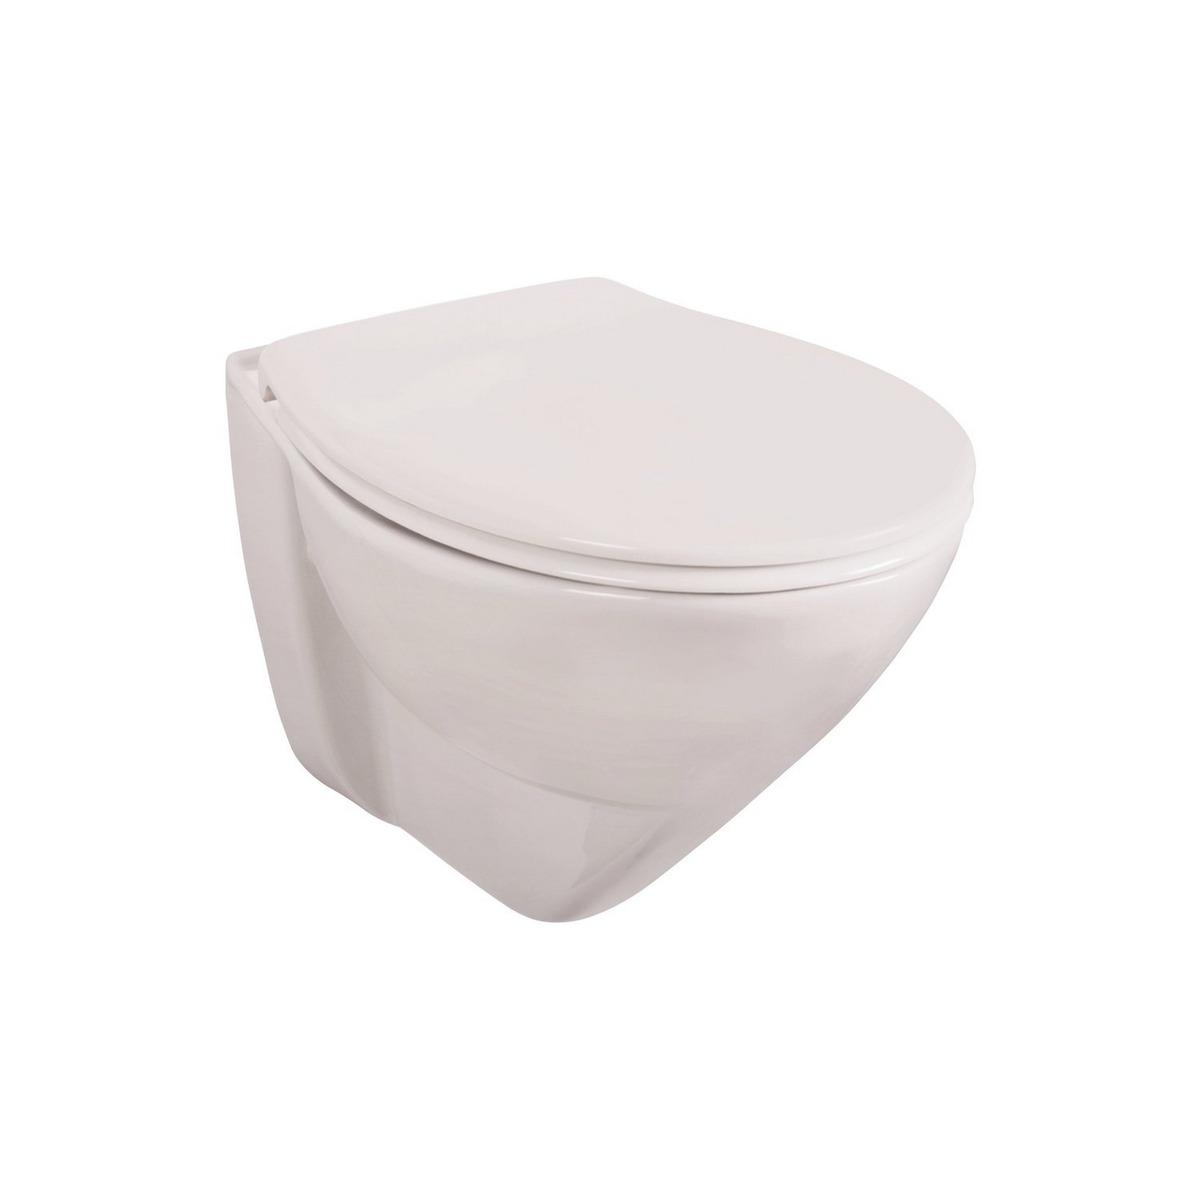 Bild 2 von Wand-WC Set 'Lidano 2.0' Tiefspüler, 6 cm erhöht